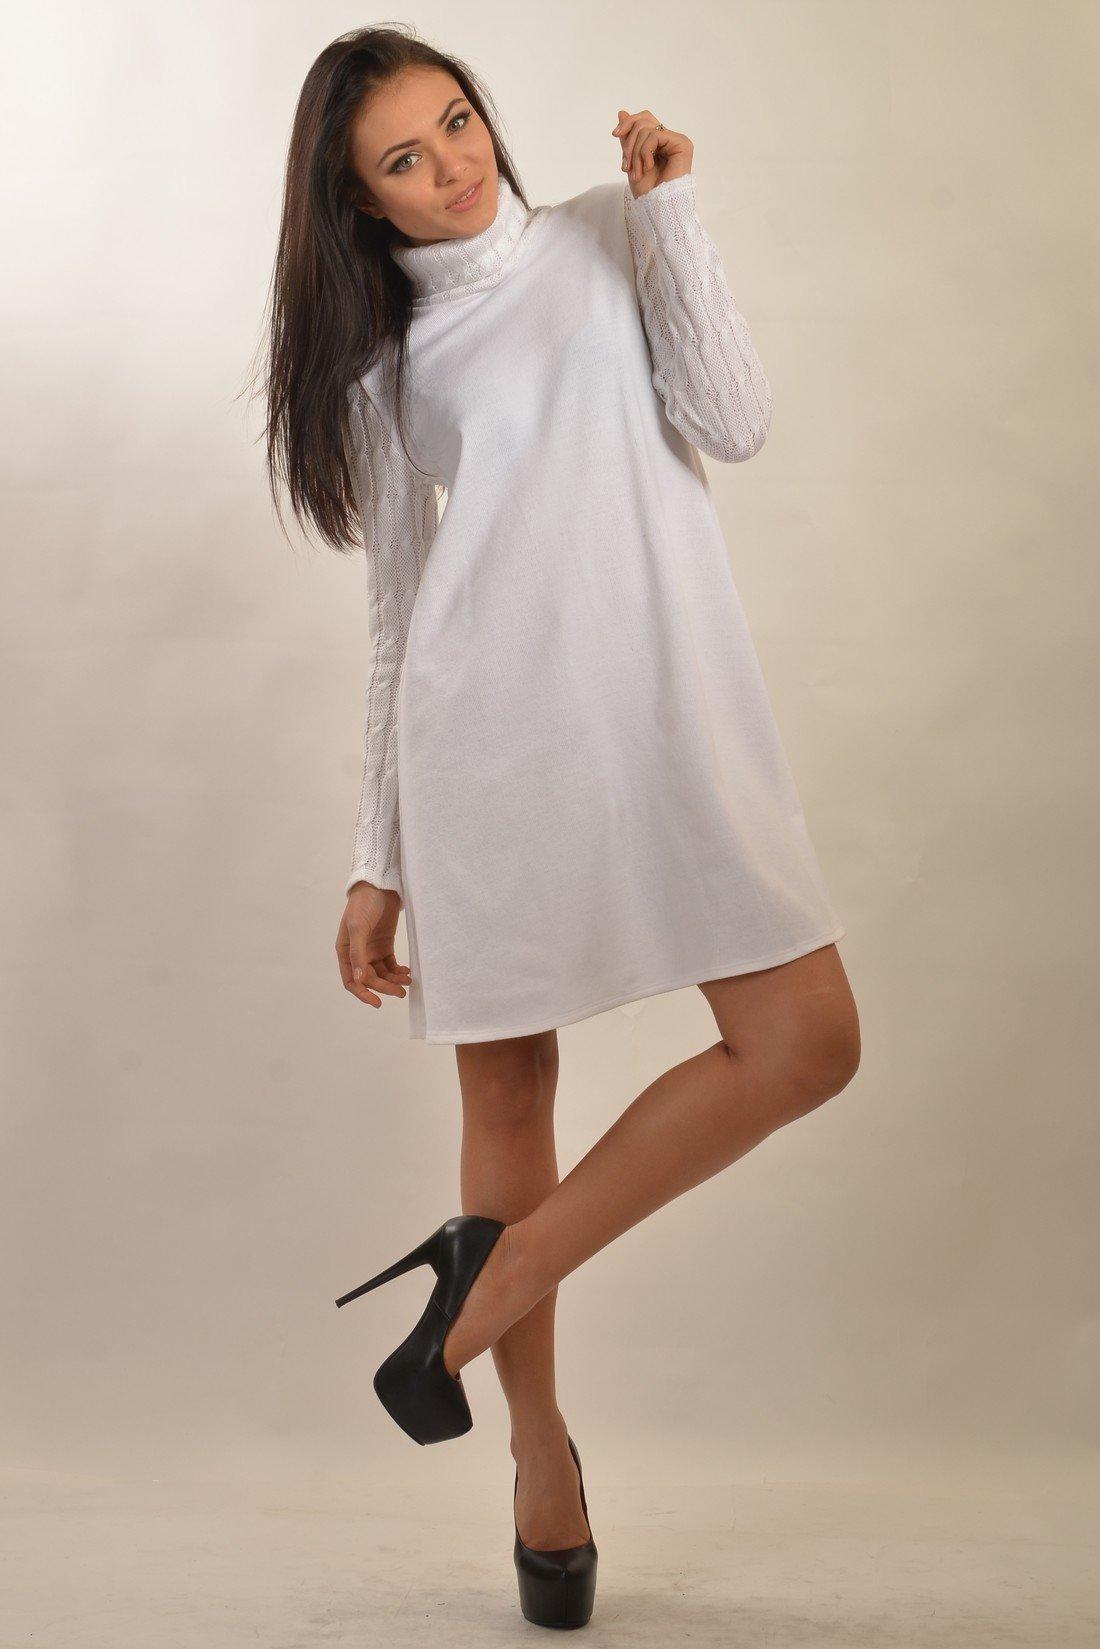 которые белые зимние платья фото норки это дорогостоящая